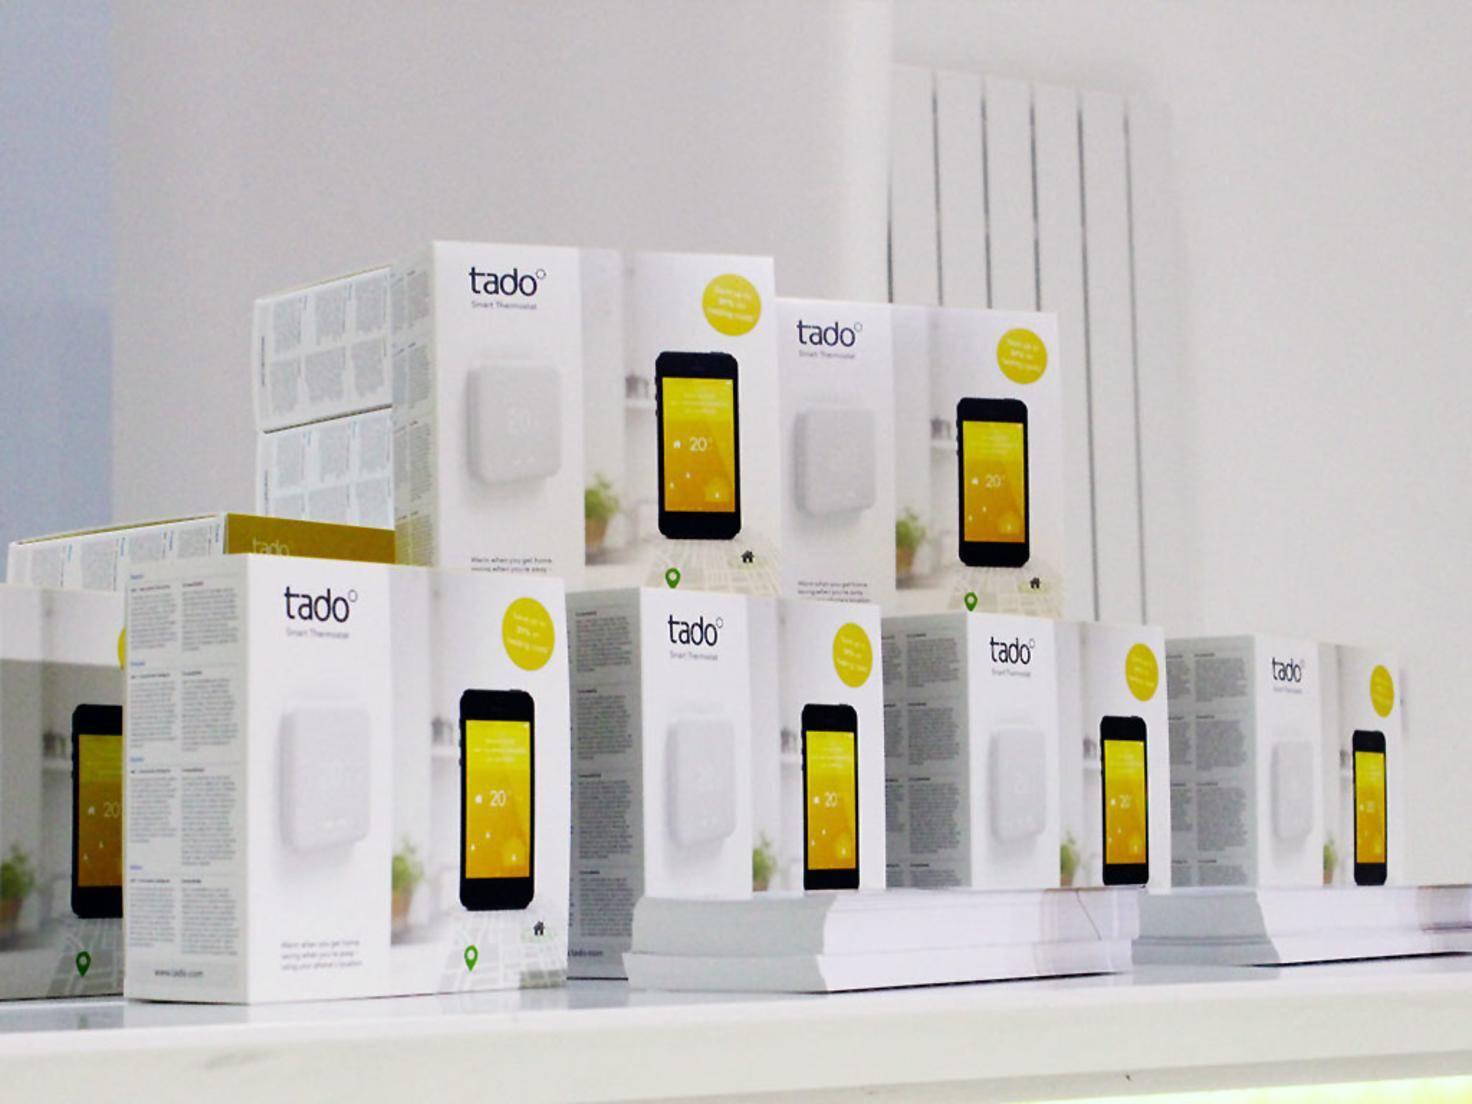 Die Heizungssteuerung Tado ist simpel zu installieren und kinderleicht zu bedienen.